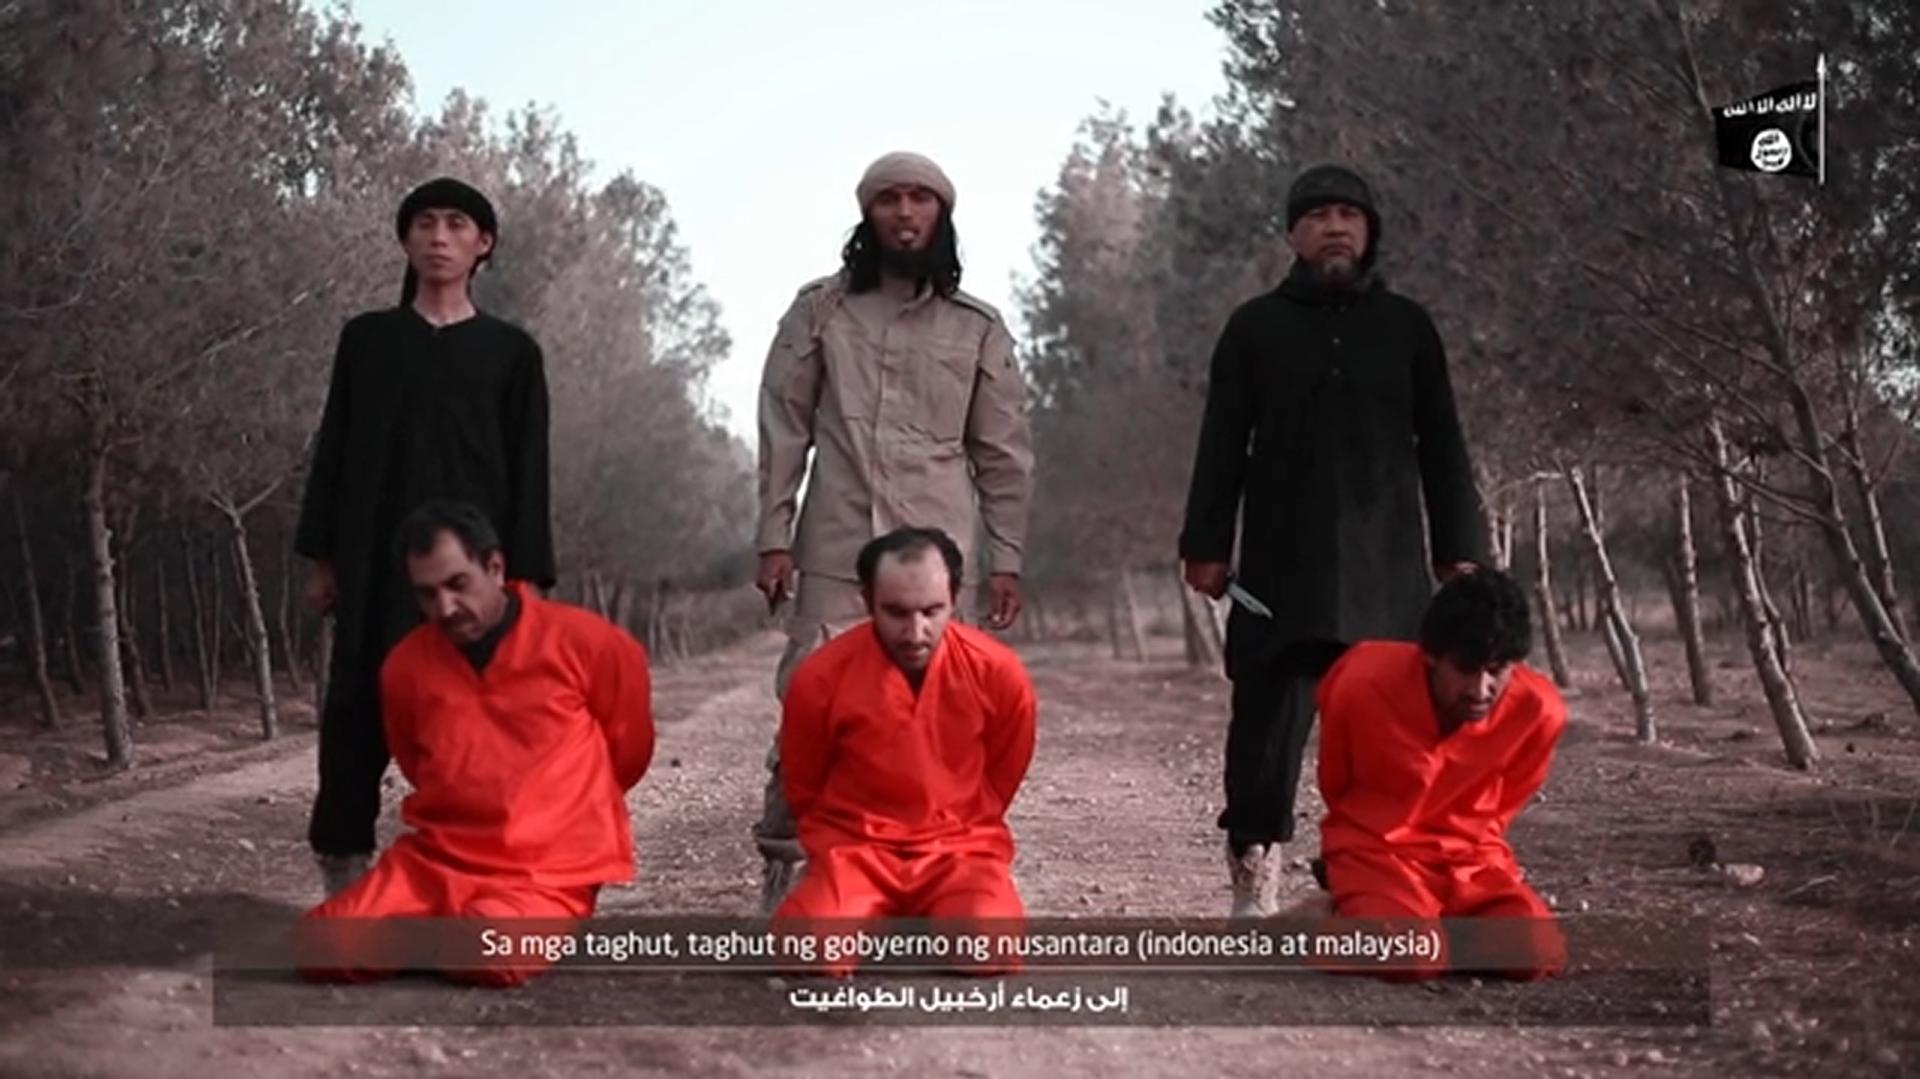 El Estado Islámico anunció el desembarco de una célula en Filipinas con un video de tres decapitaciones